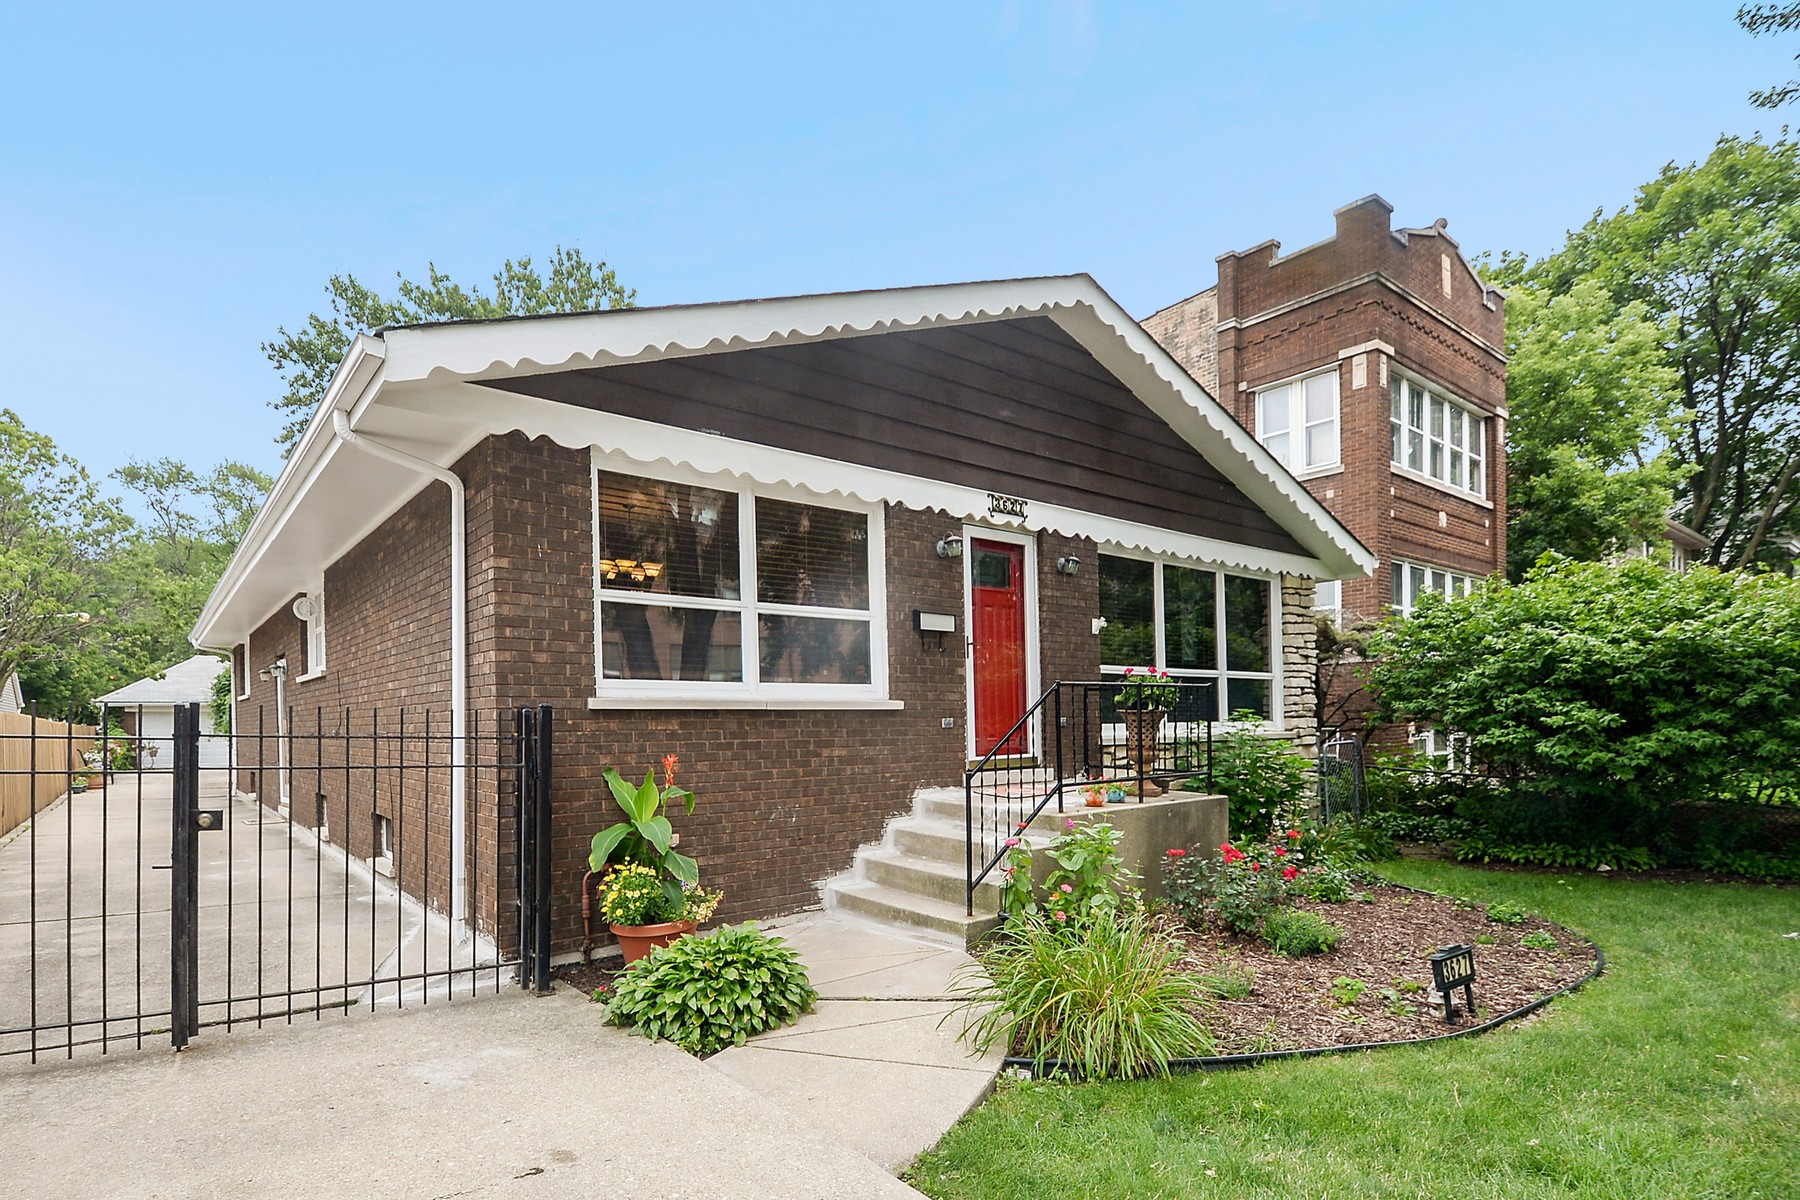 Частный односемейный дом для того Продажа на Beautiful Old Irving Park Home 3627 N Kedvale Avenue Irving Park, Chicago, Иллинойс, 60641 Соединенные Штаты